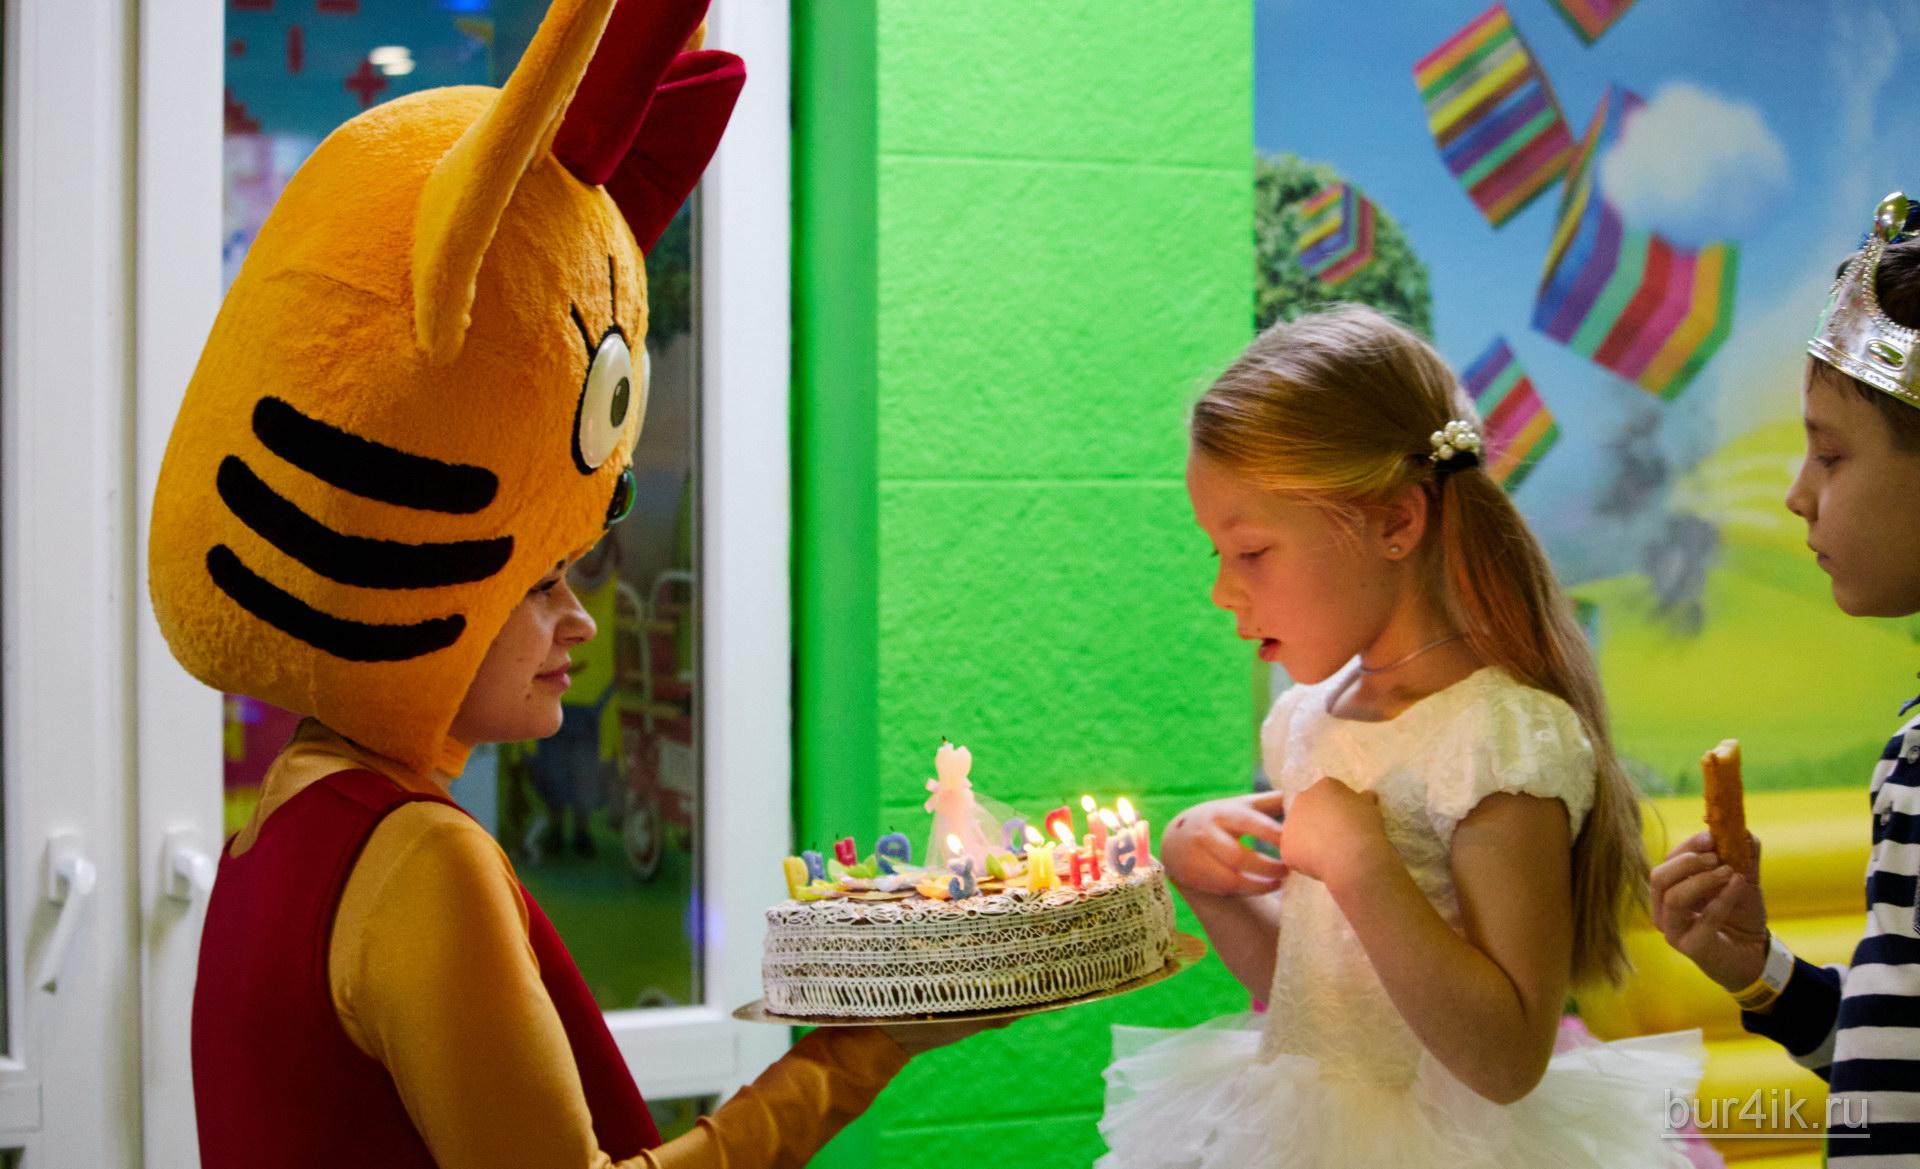 Фото Детское День Рождения в Детский Дворик 15.01.2020 №238 -photo- bur4ik.ru